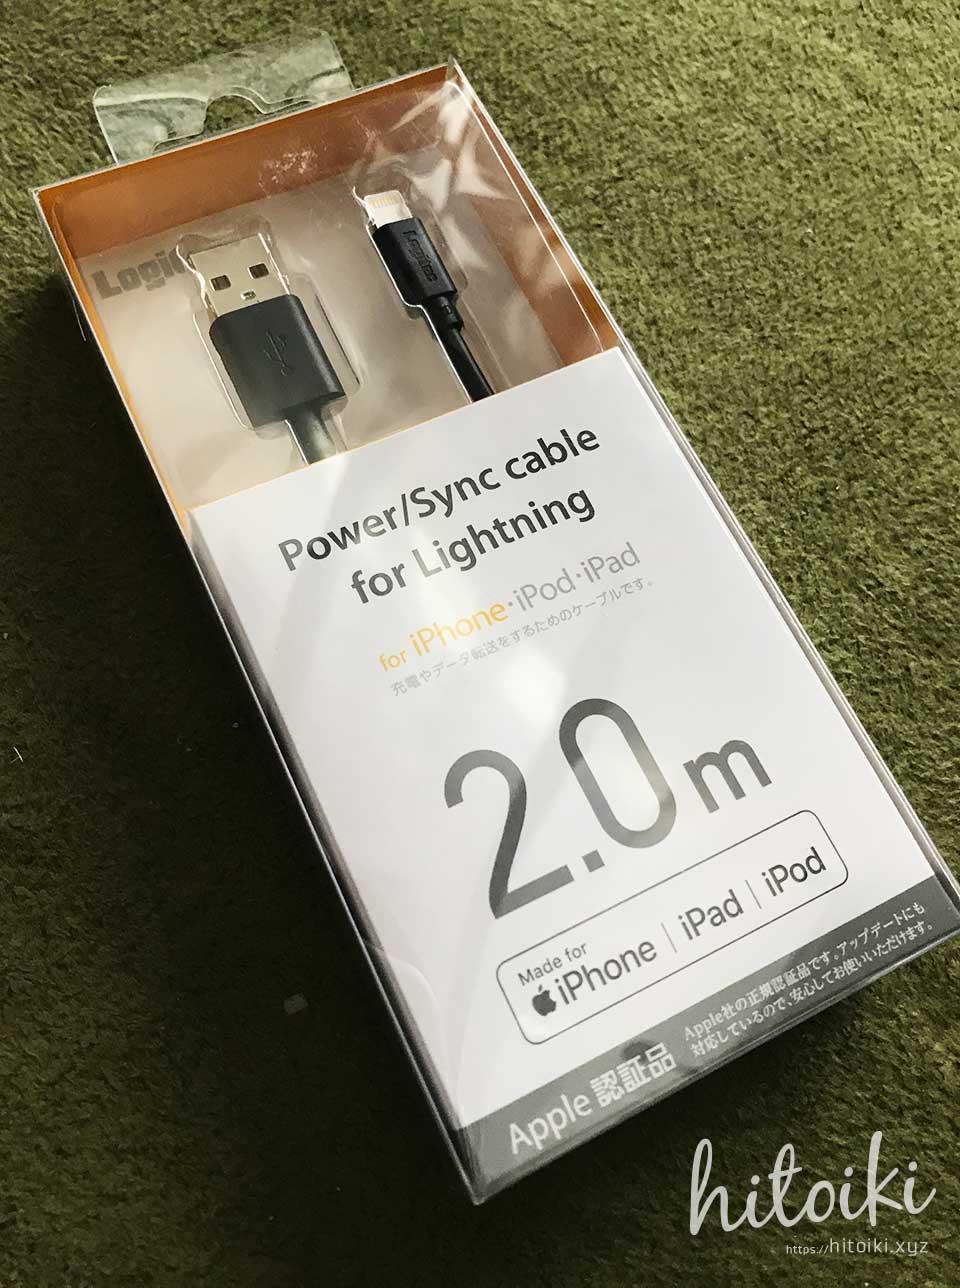 2mのLOGITEC(ロジテック)ライトニングケーブル(MFi認証・iPhone用) IMG_2643